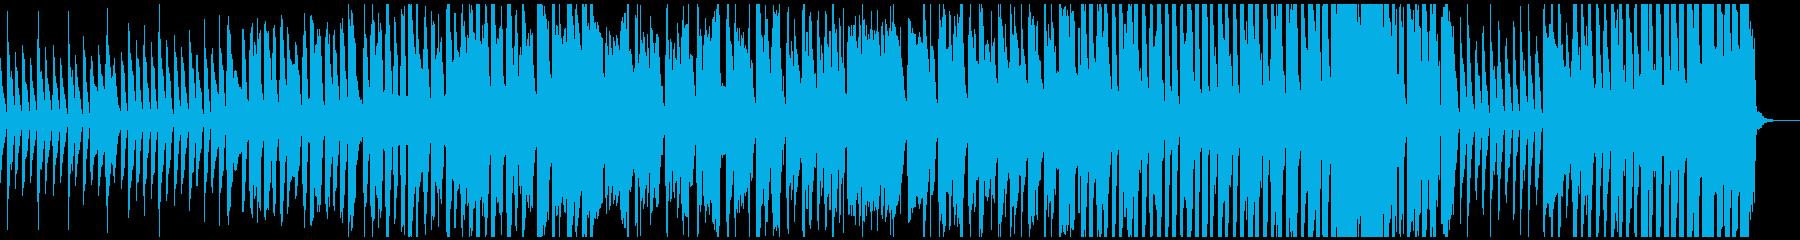 ほんわか 癒し系の再生済みの波形